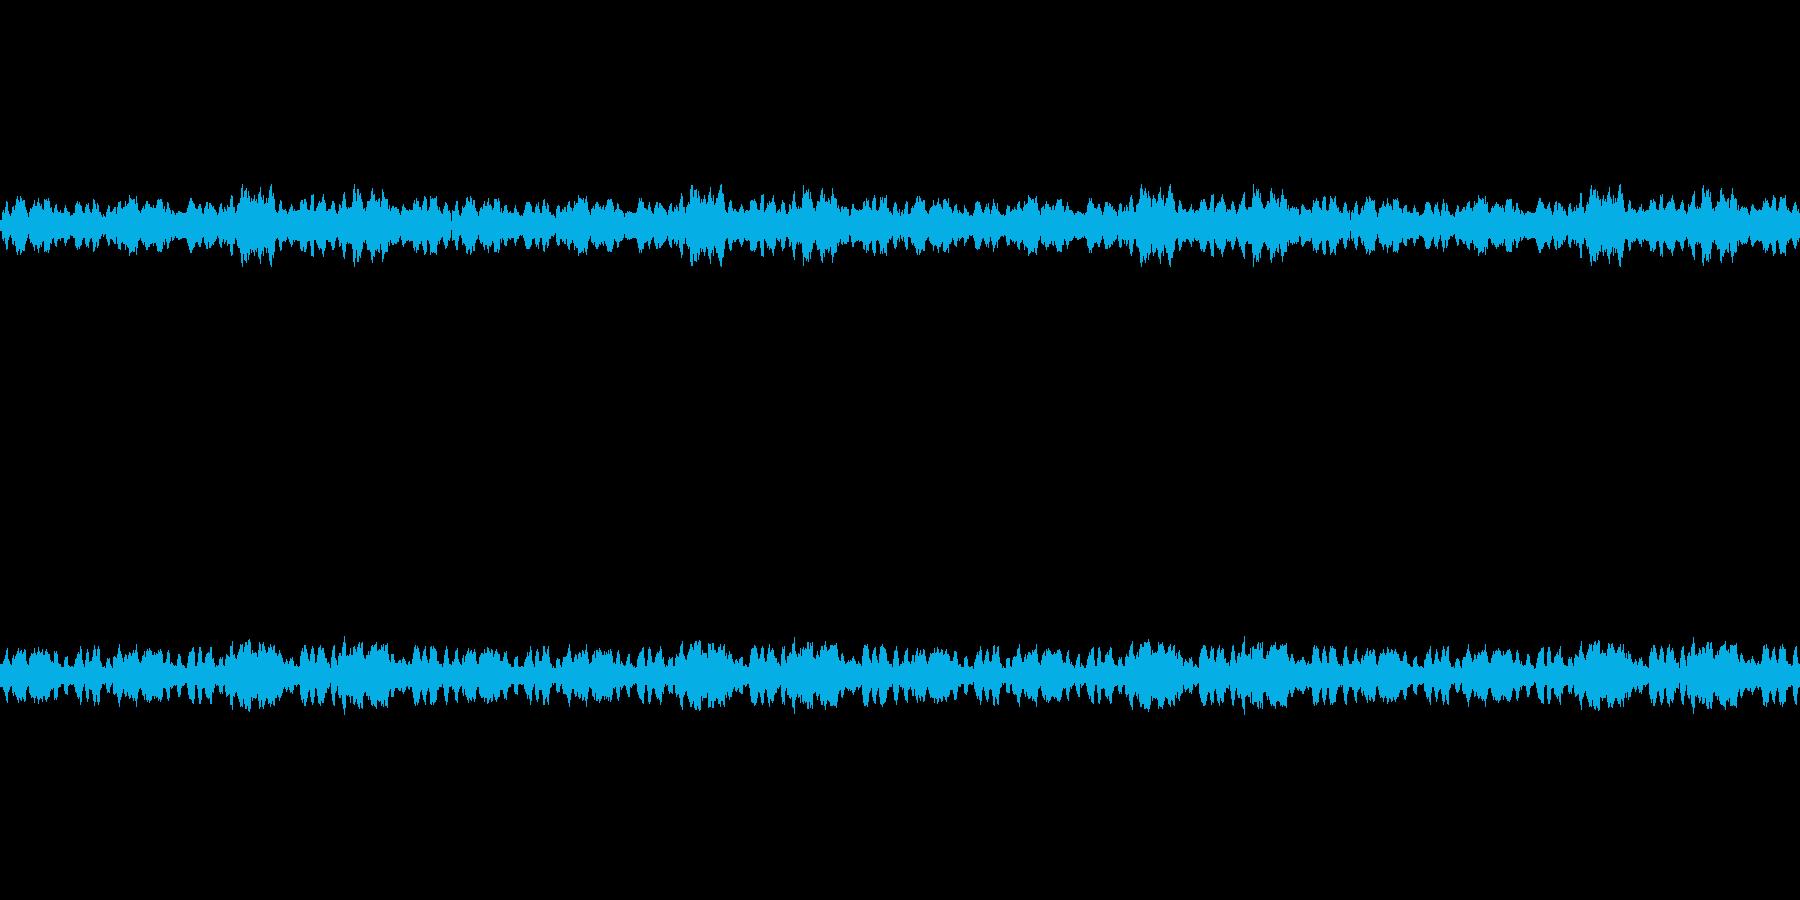 【ファンタジー・ヨーロッパな雰囲気】の再生済みの波形